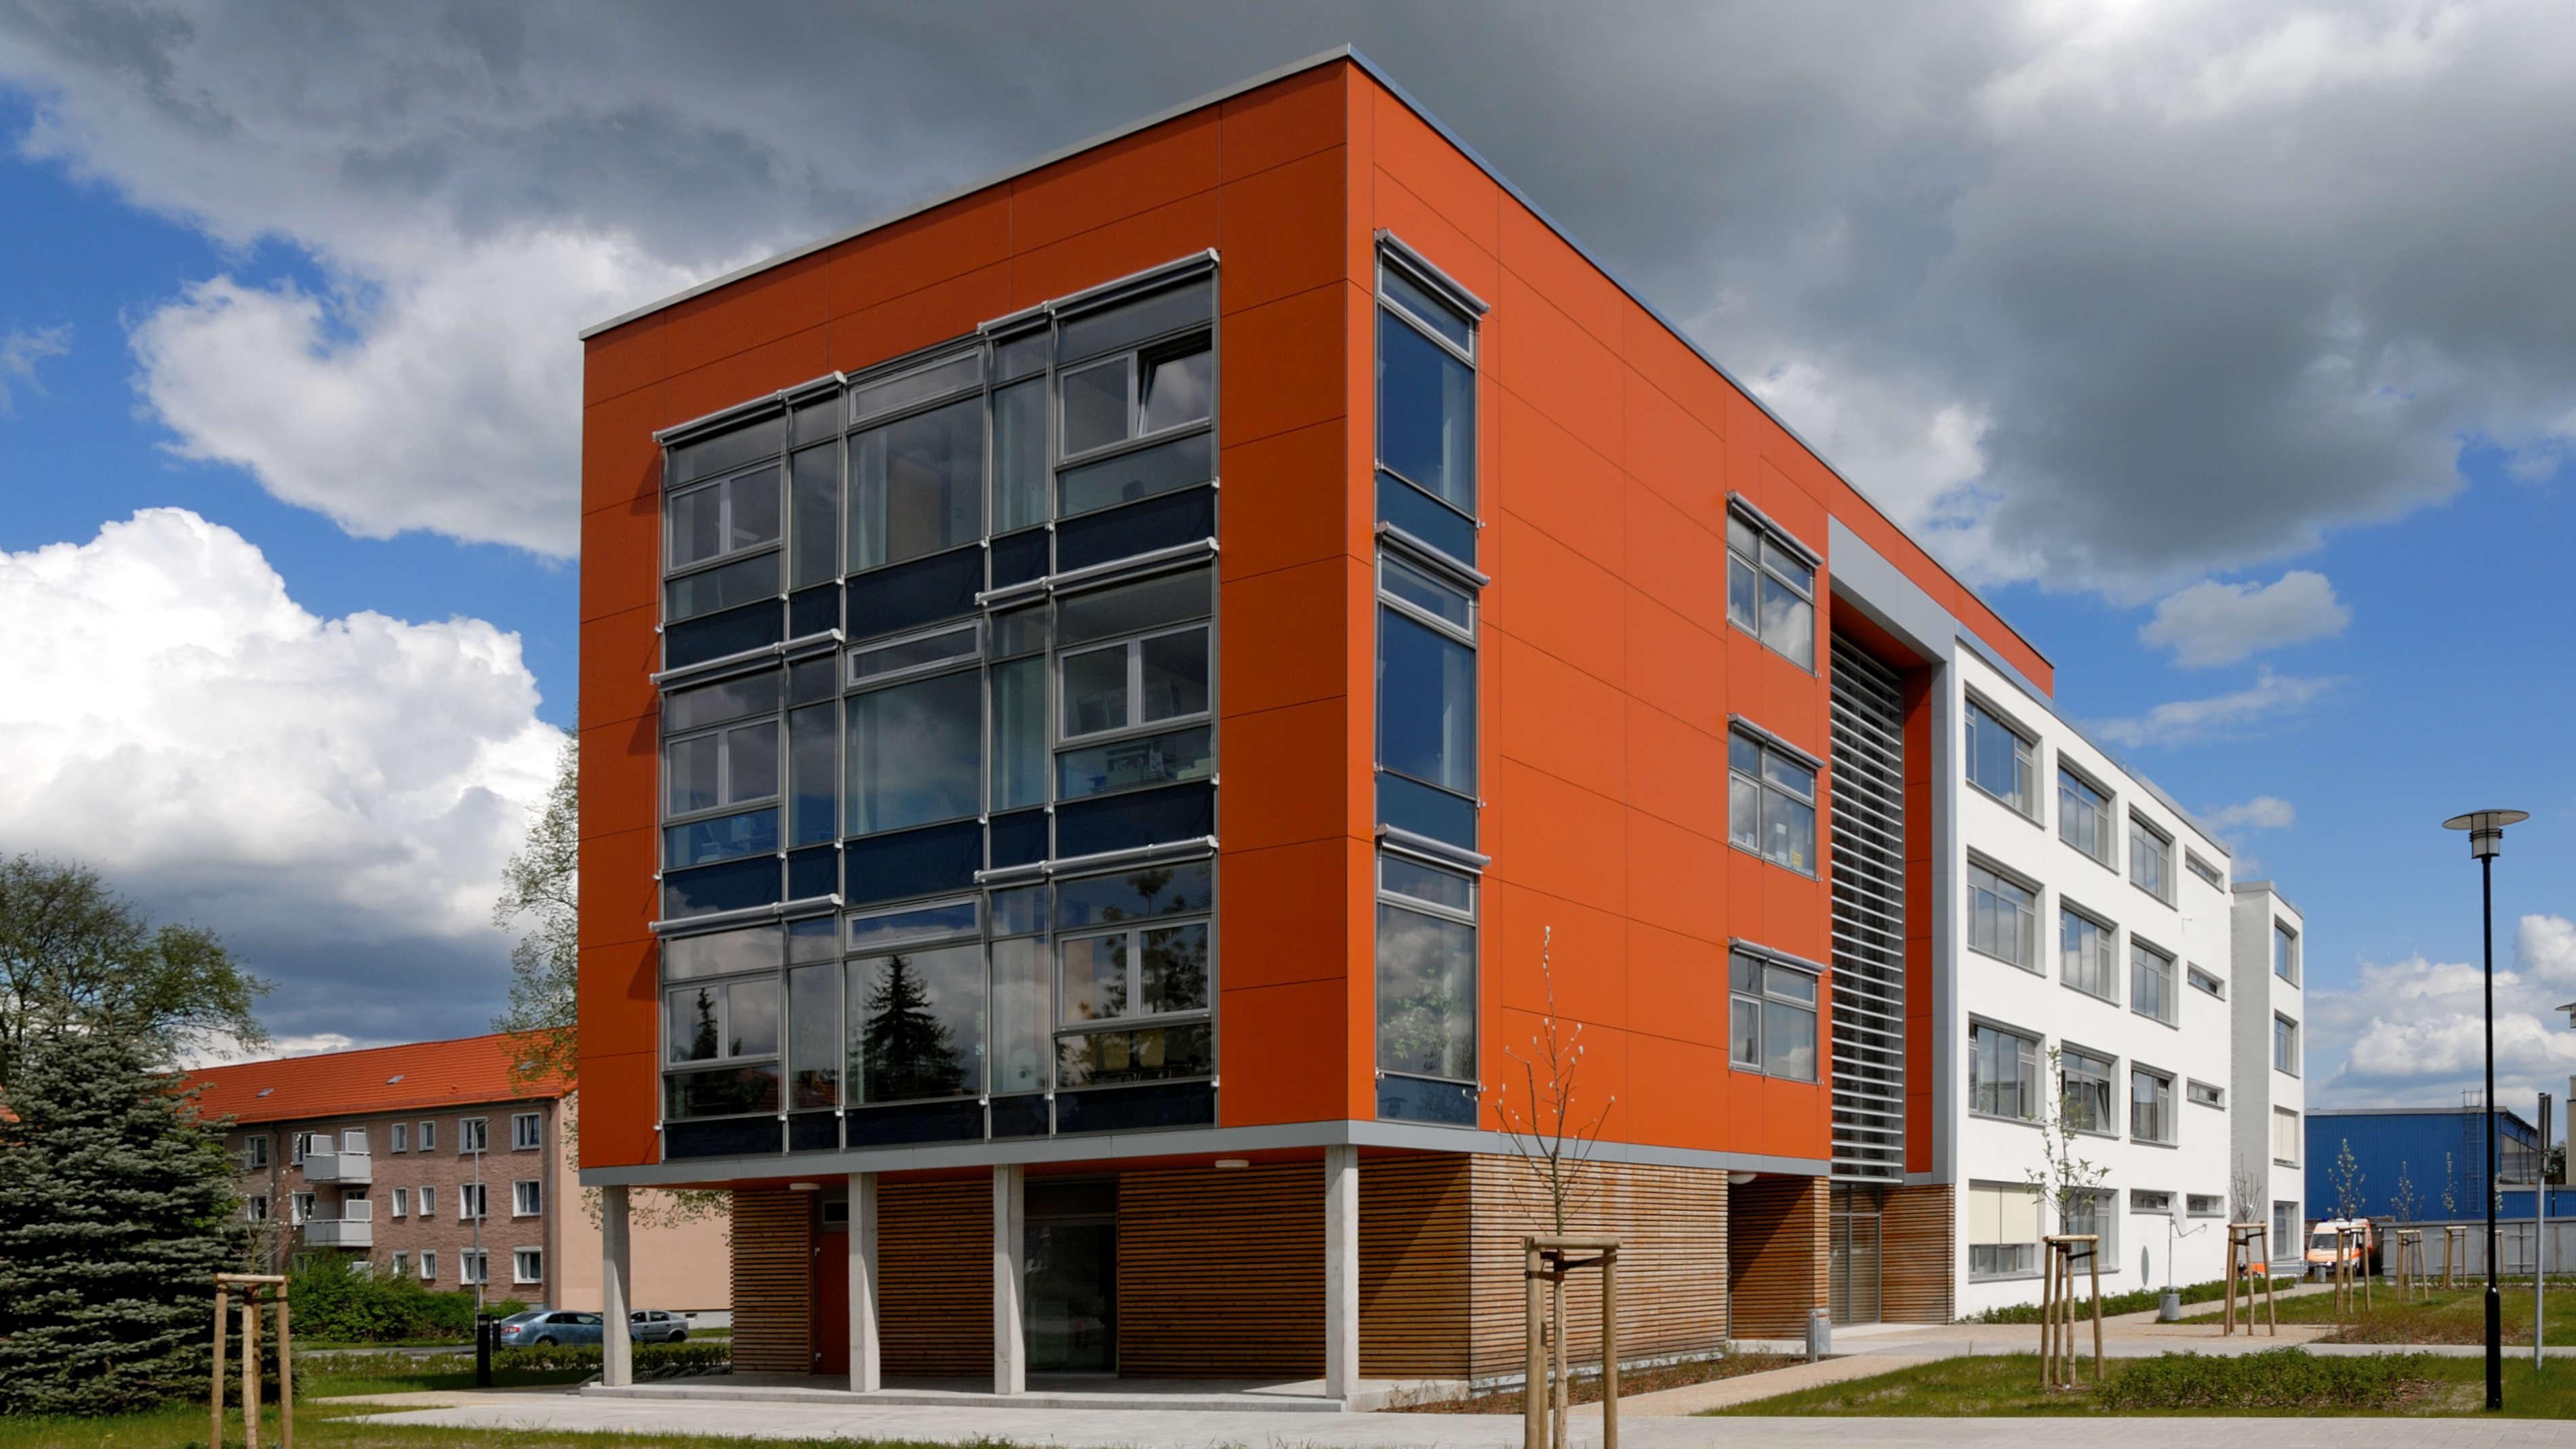 03-kreishaus-barnim-w